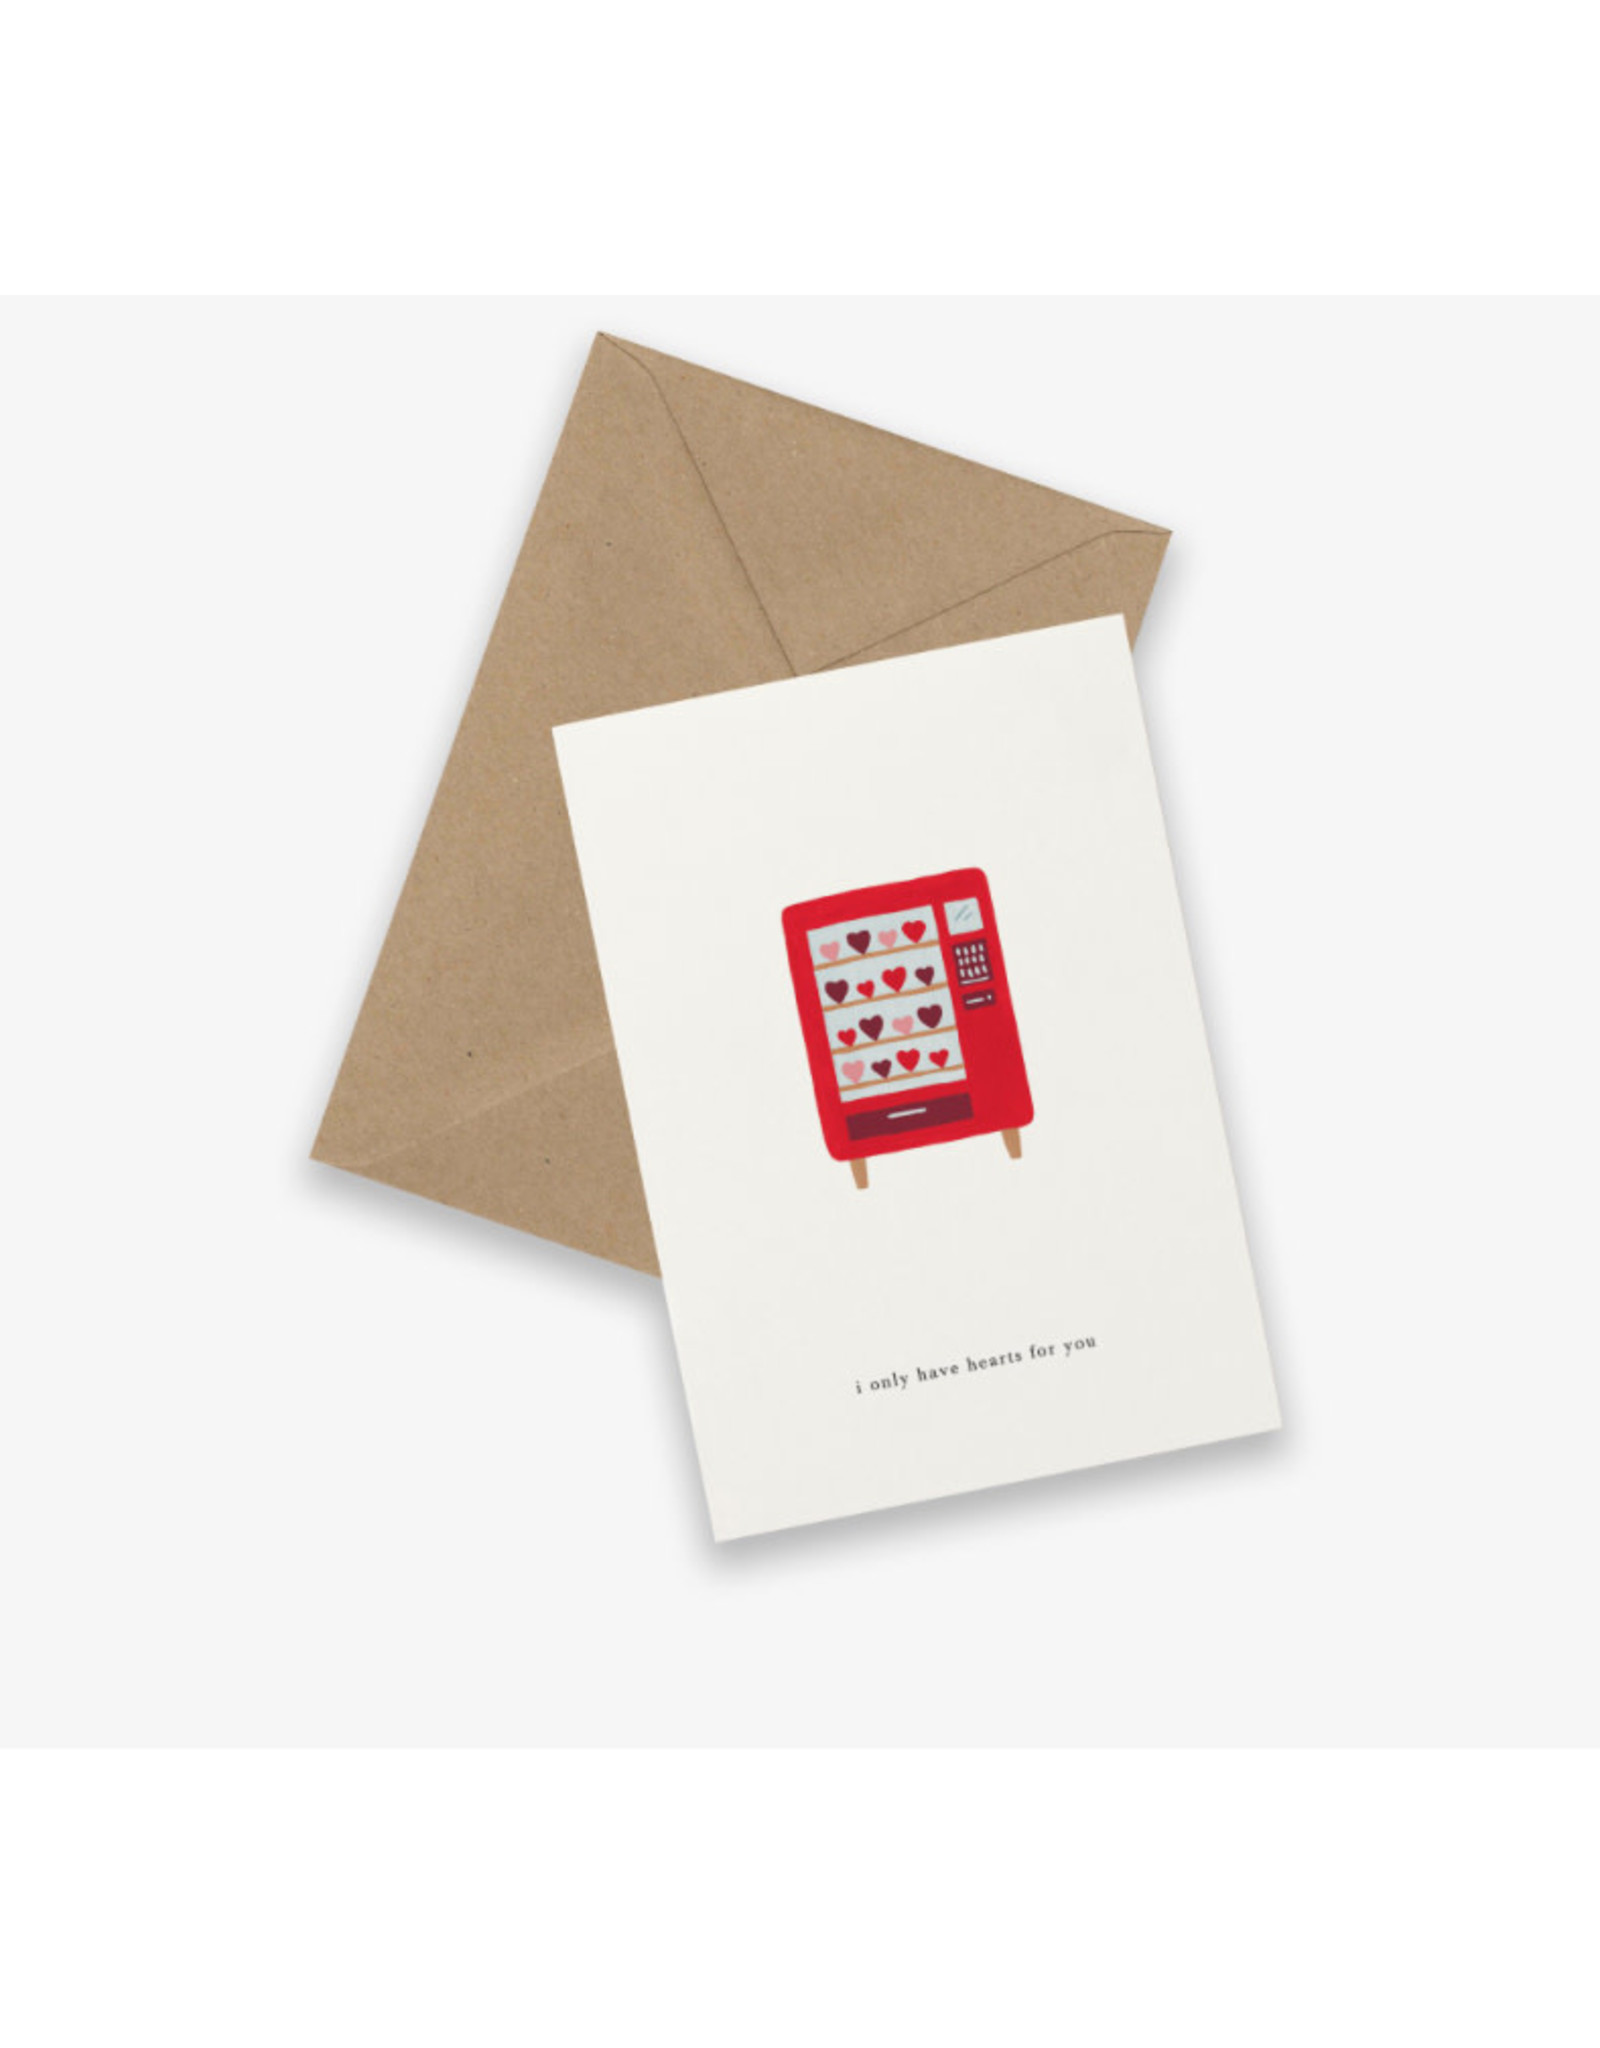 Kartotek Wenskaart - Vending machine - Dubbele kaart en Enveloppe - A6